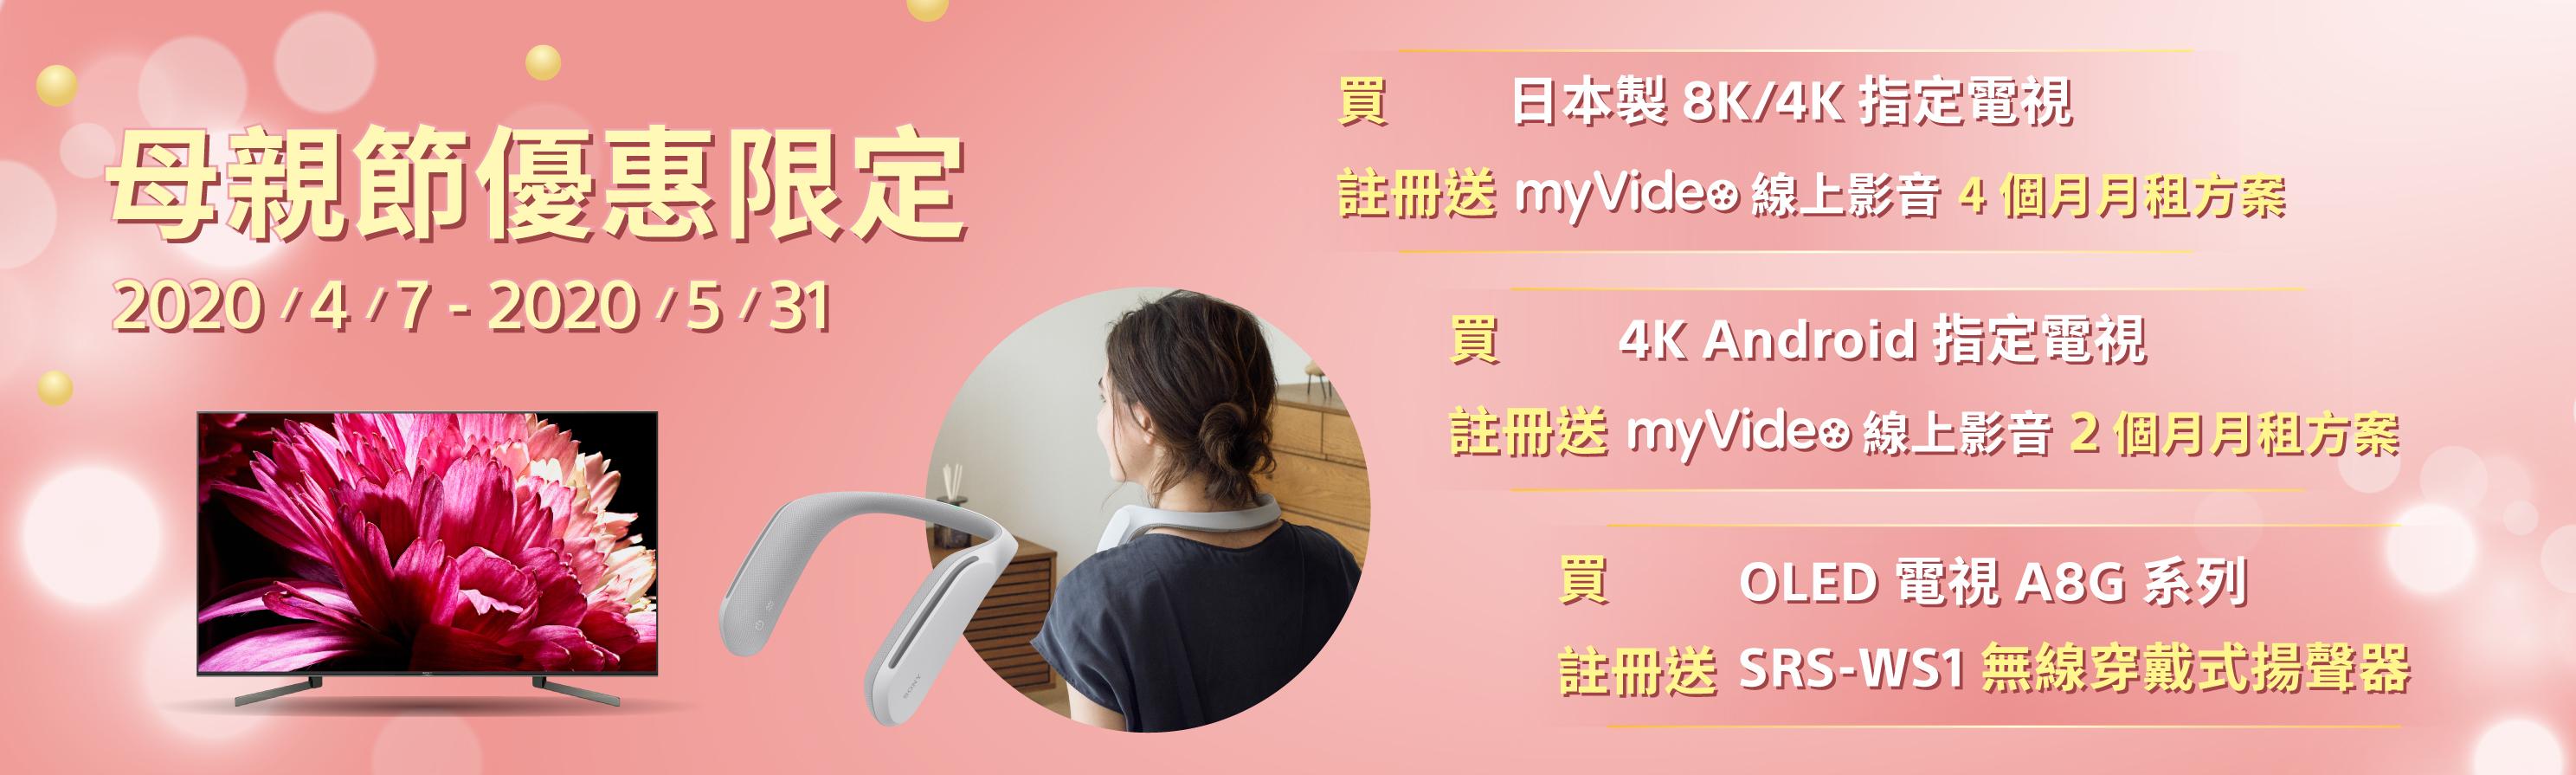 sony_Bravia_母親節活動_官網banner_完稿(o)